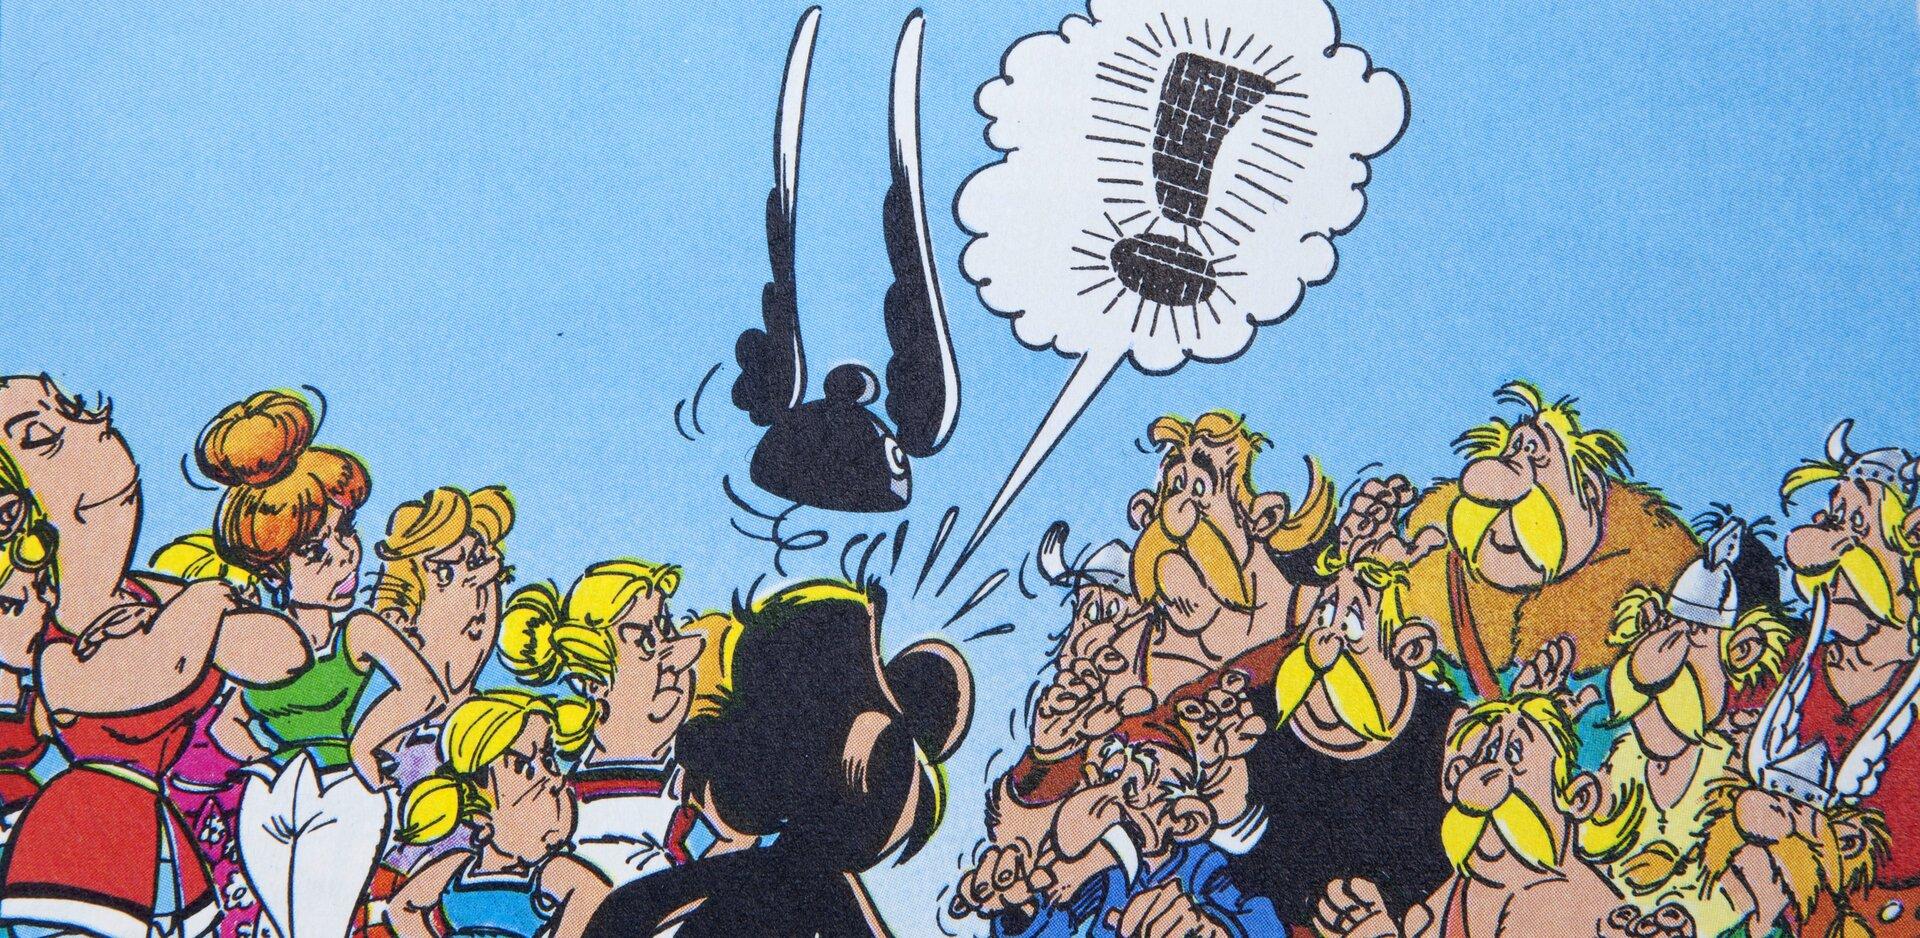 """Ilustracja przedstawia fragment komiksu """"Asterix. Wróżbita"""". Ukazuje tłum ludzi (po lewej kobiety, po prawej mężczyźni) prowadzących spór. Przed nimi stoi odwrócony tyłem do widza Asterix, nad którym unosi się jego hełm ze skrzydełkami. Nad bohaterem znajduje się dymek, wktórym zamiast tekstu jest wykrzyknik."""